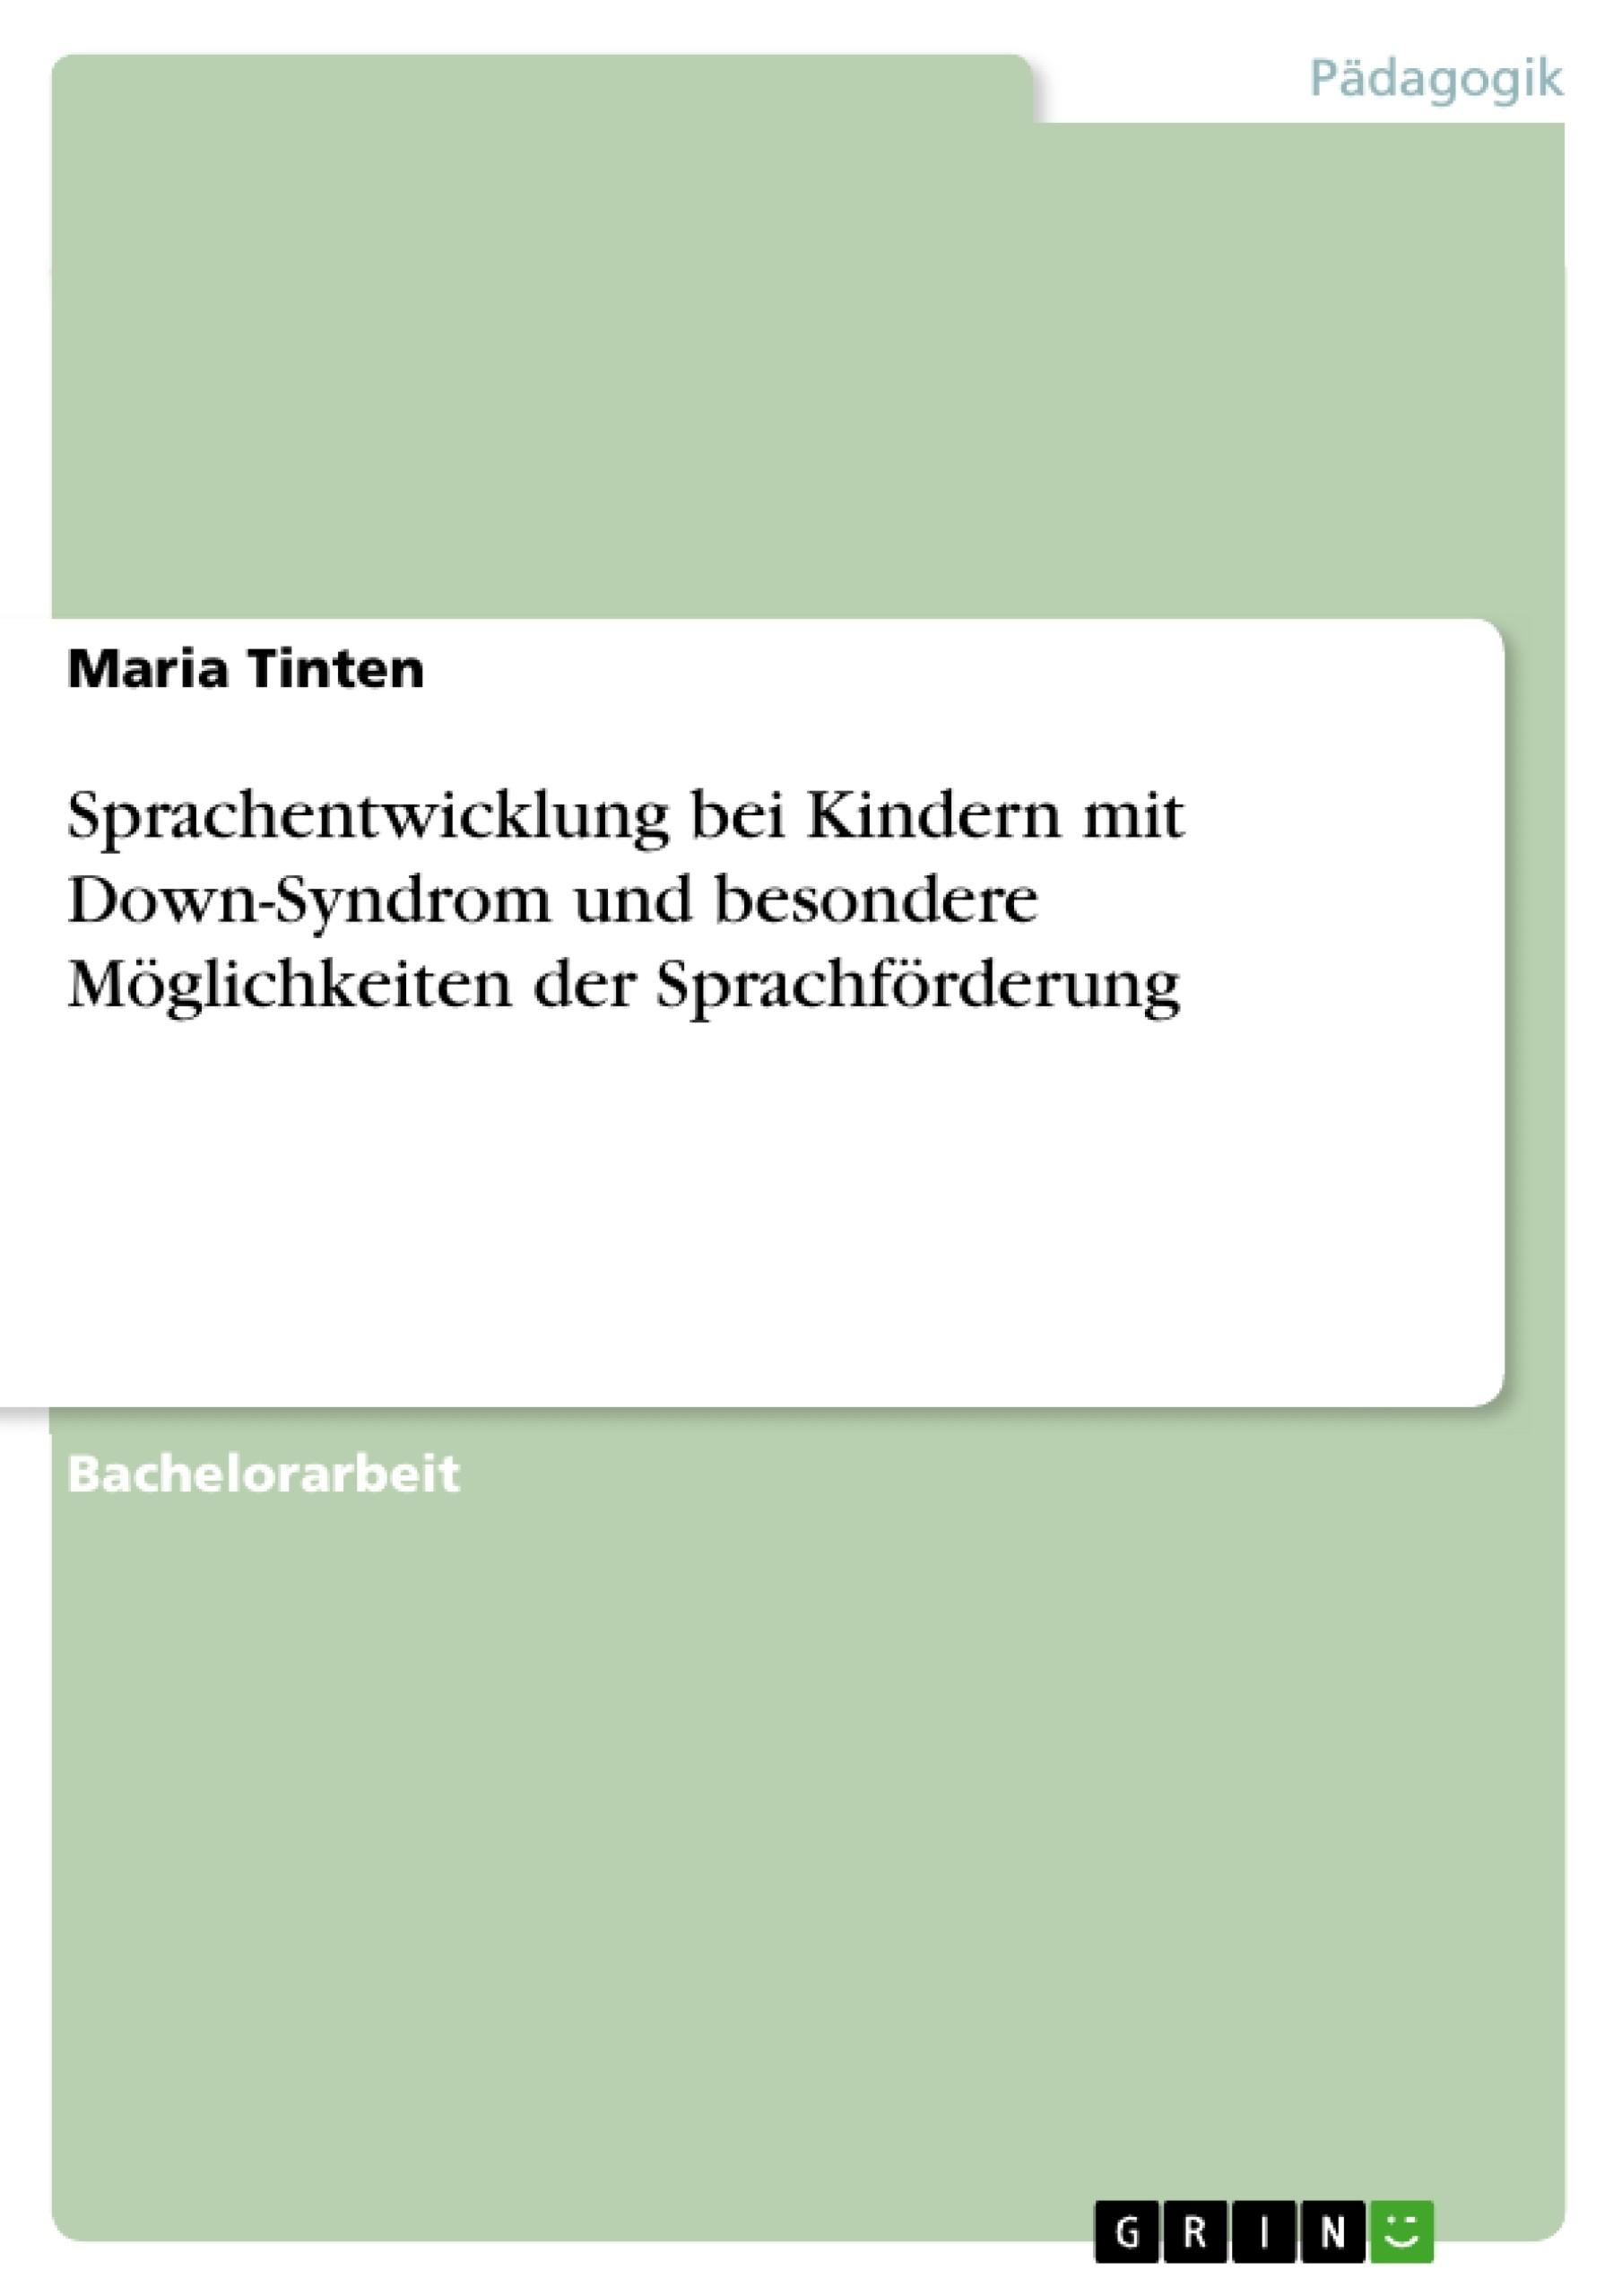 Titel: Sprachentwicklung bei Kindern mit Down-Syndrom und besondere Möglichkeiten der Sprachförderung